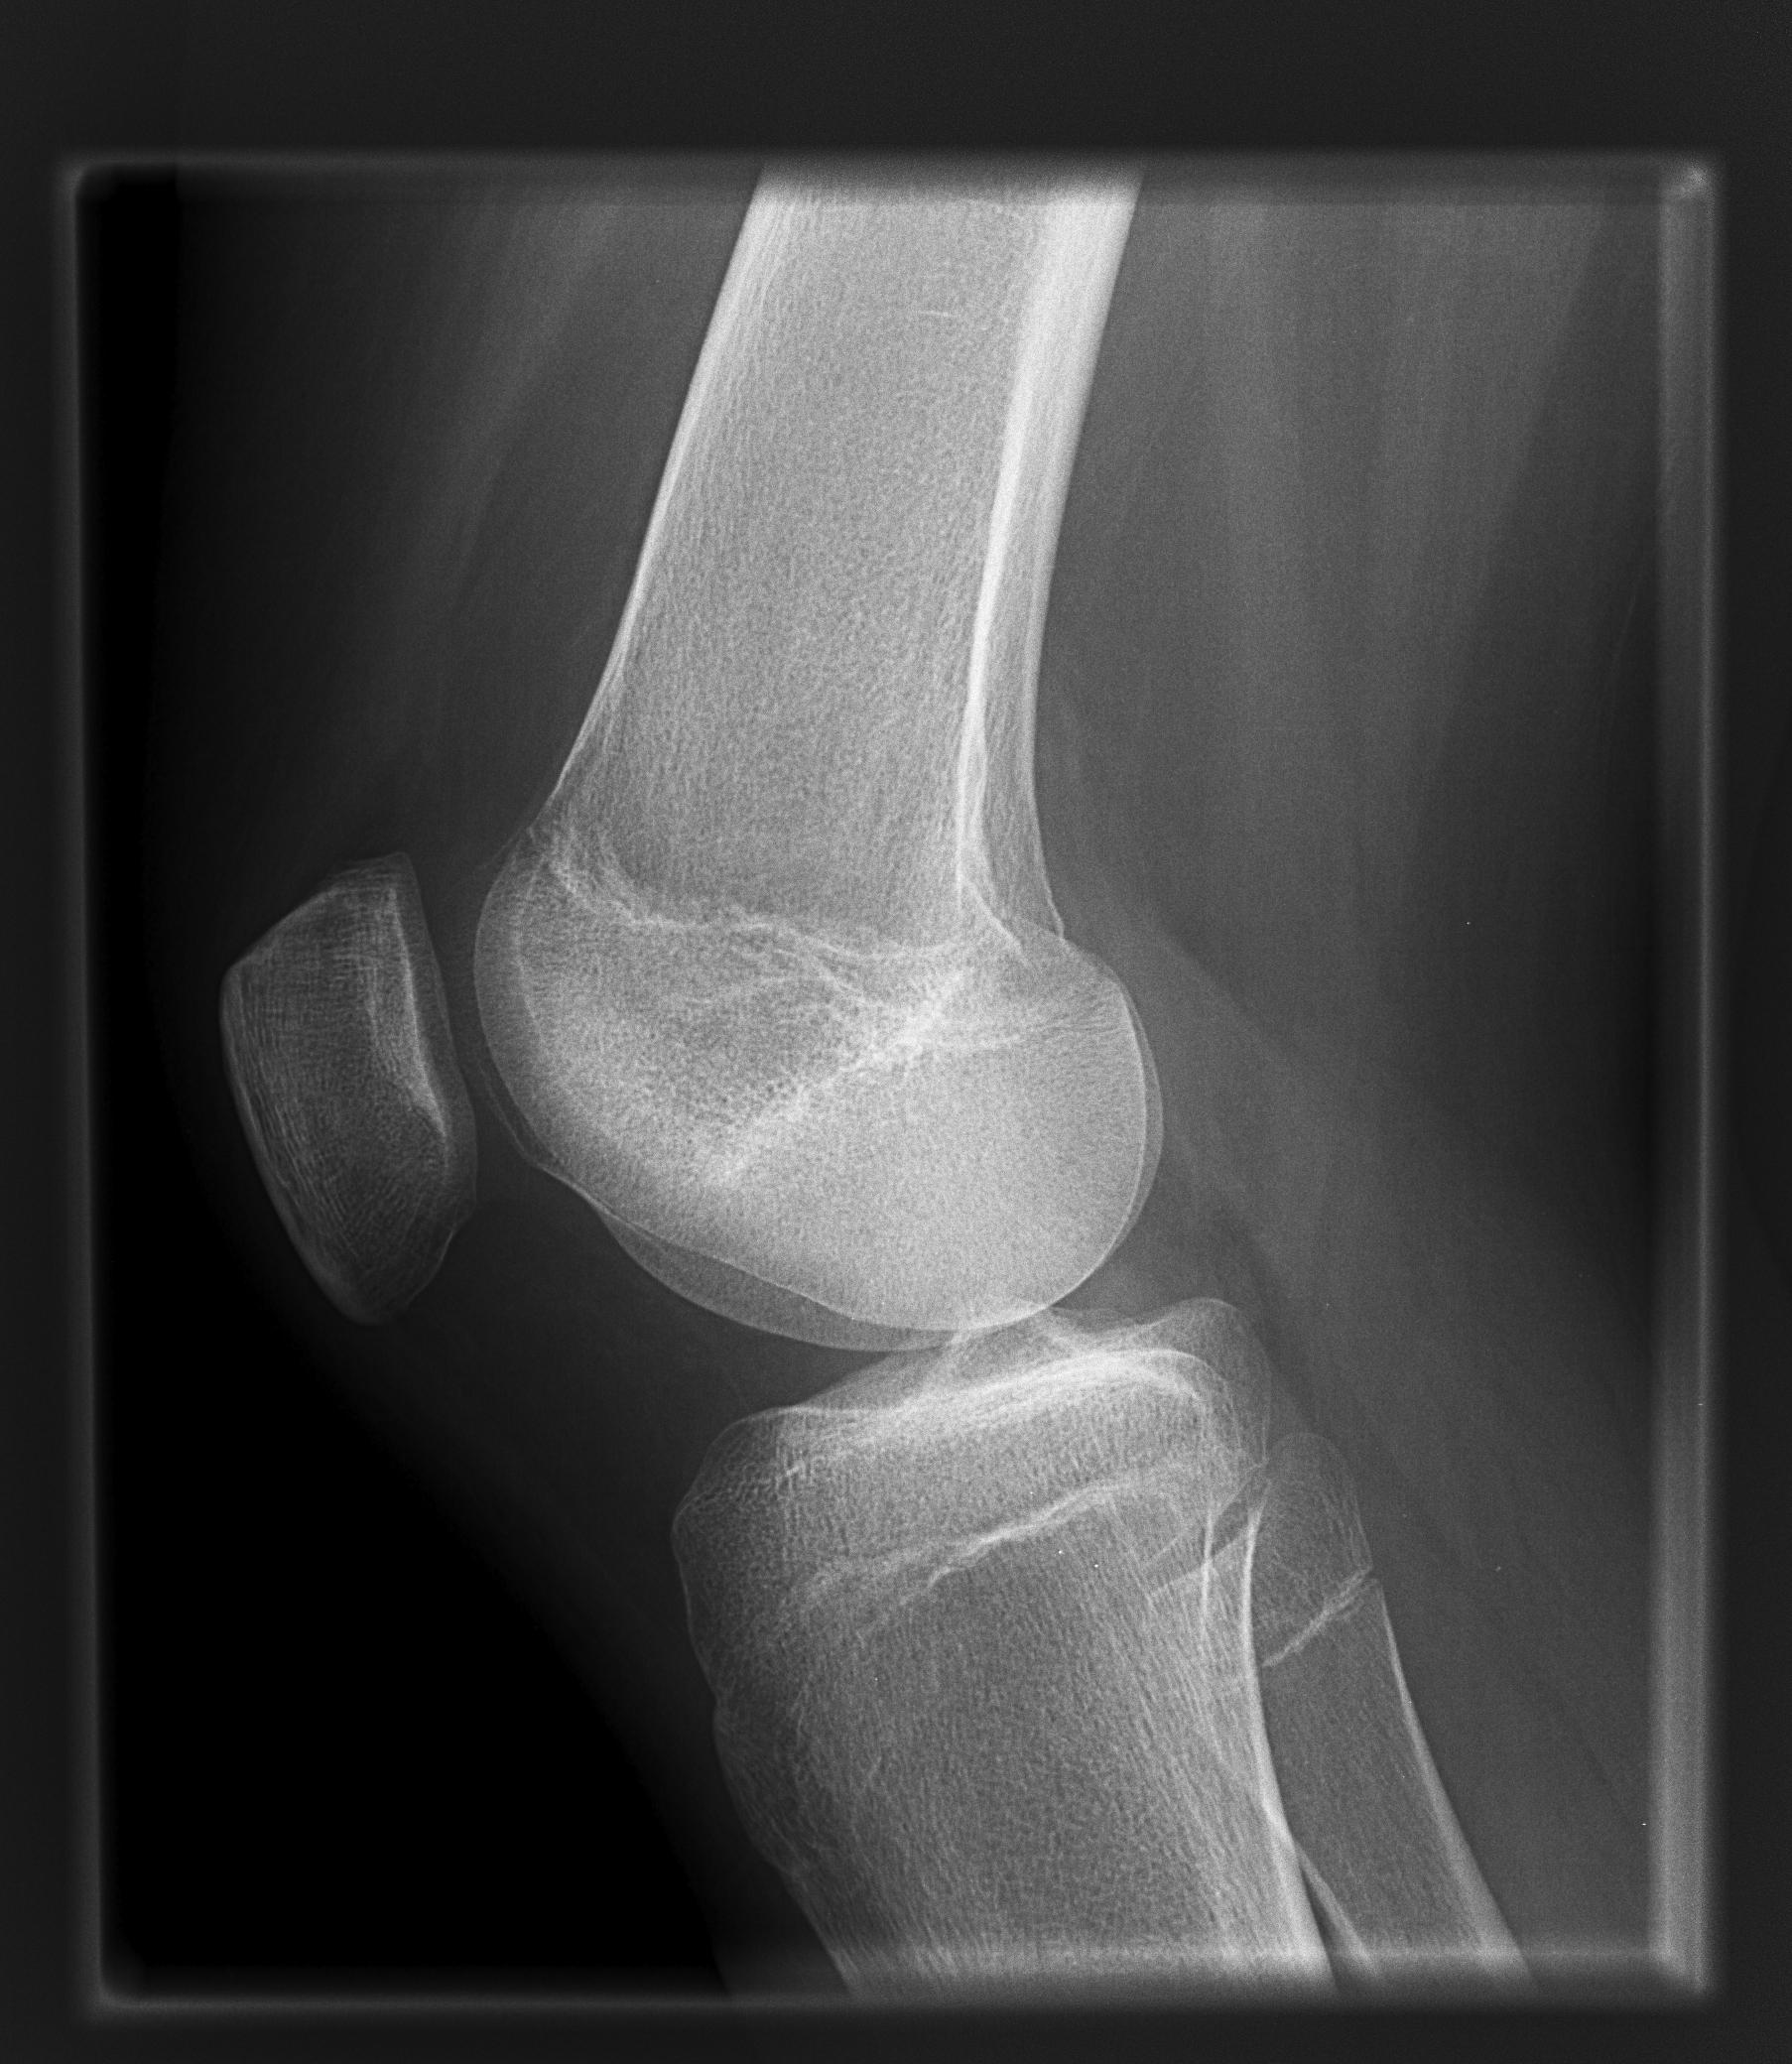 Image Processing   Radiology   SUNY Upstate Medical University